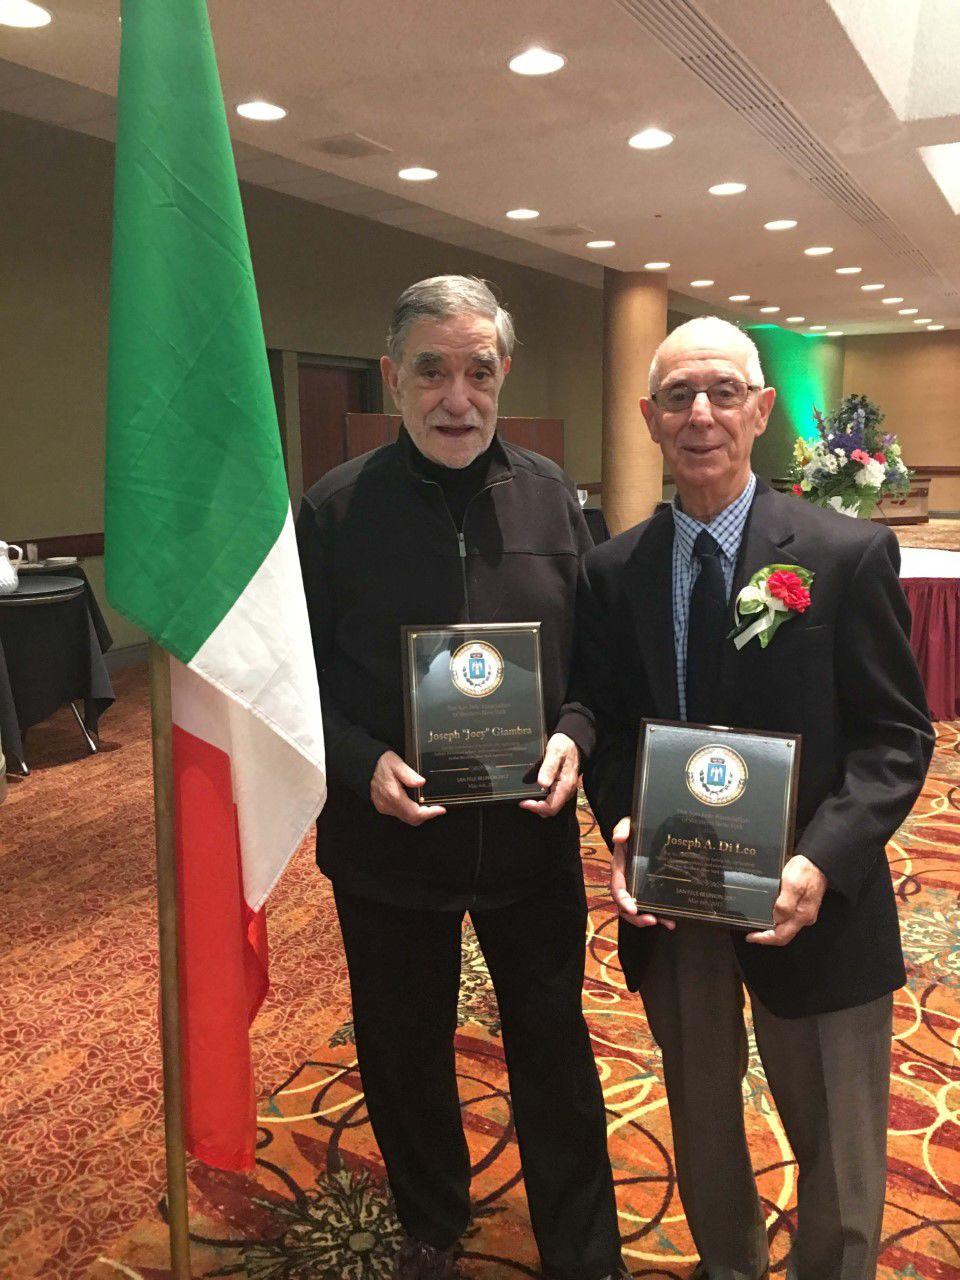 thumbnail_joe d and joey g S fele award.